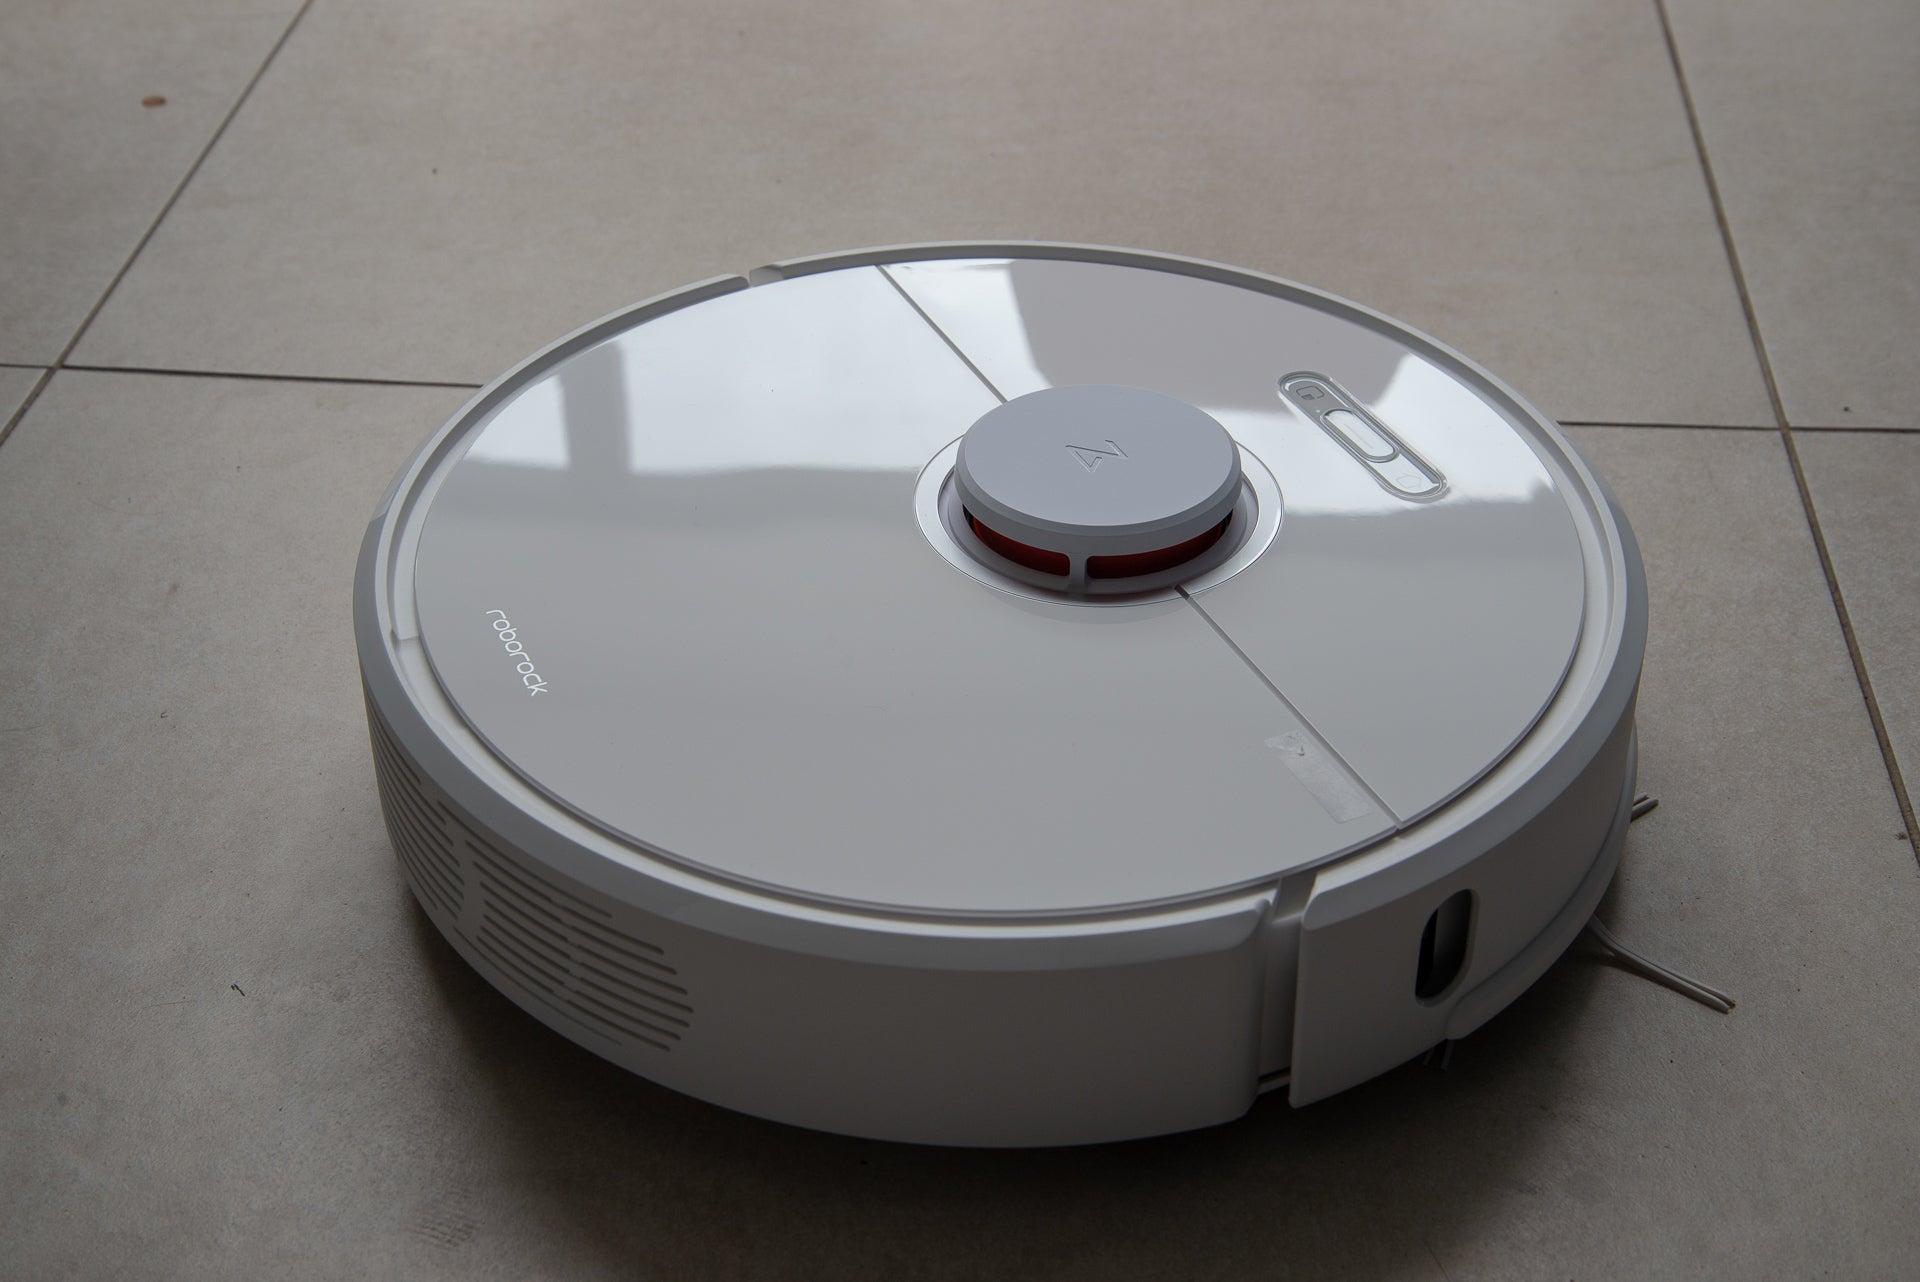 Roborock S6 Robot Vacuum Cleaner review: programmable robot